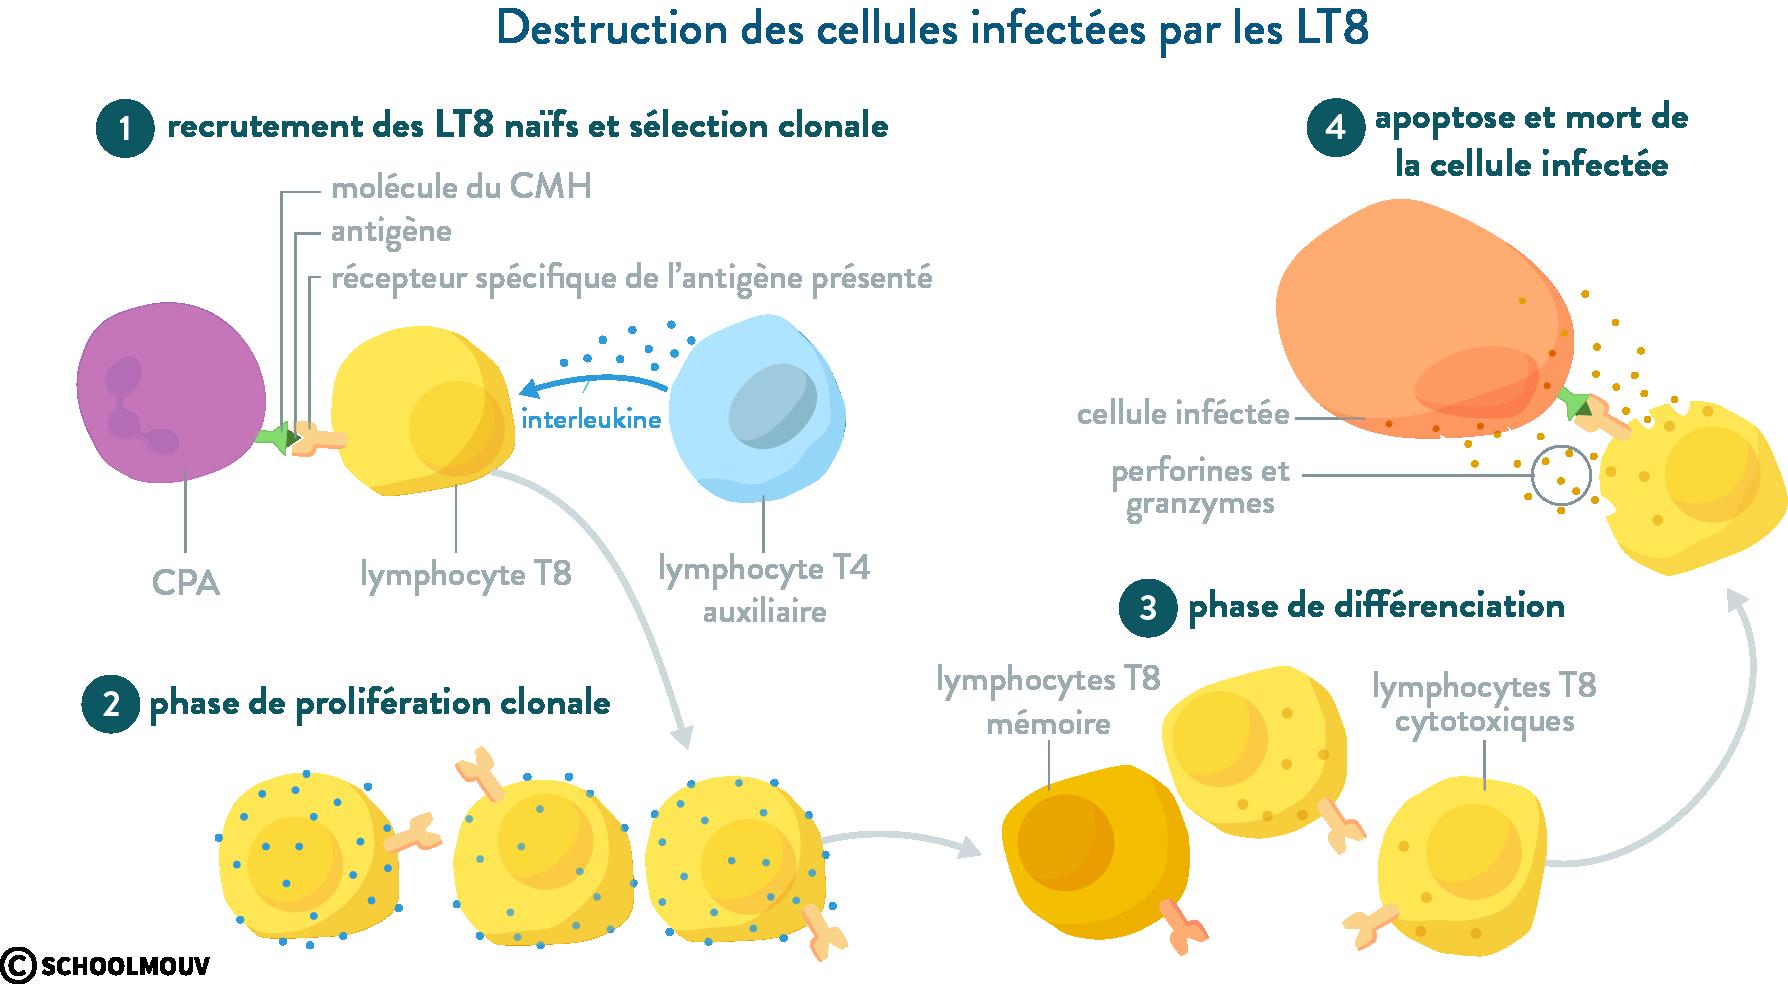 immunité acquise réponse immunitaire spécificité lymphocyte T